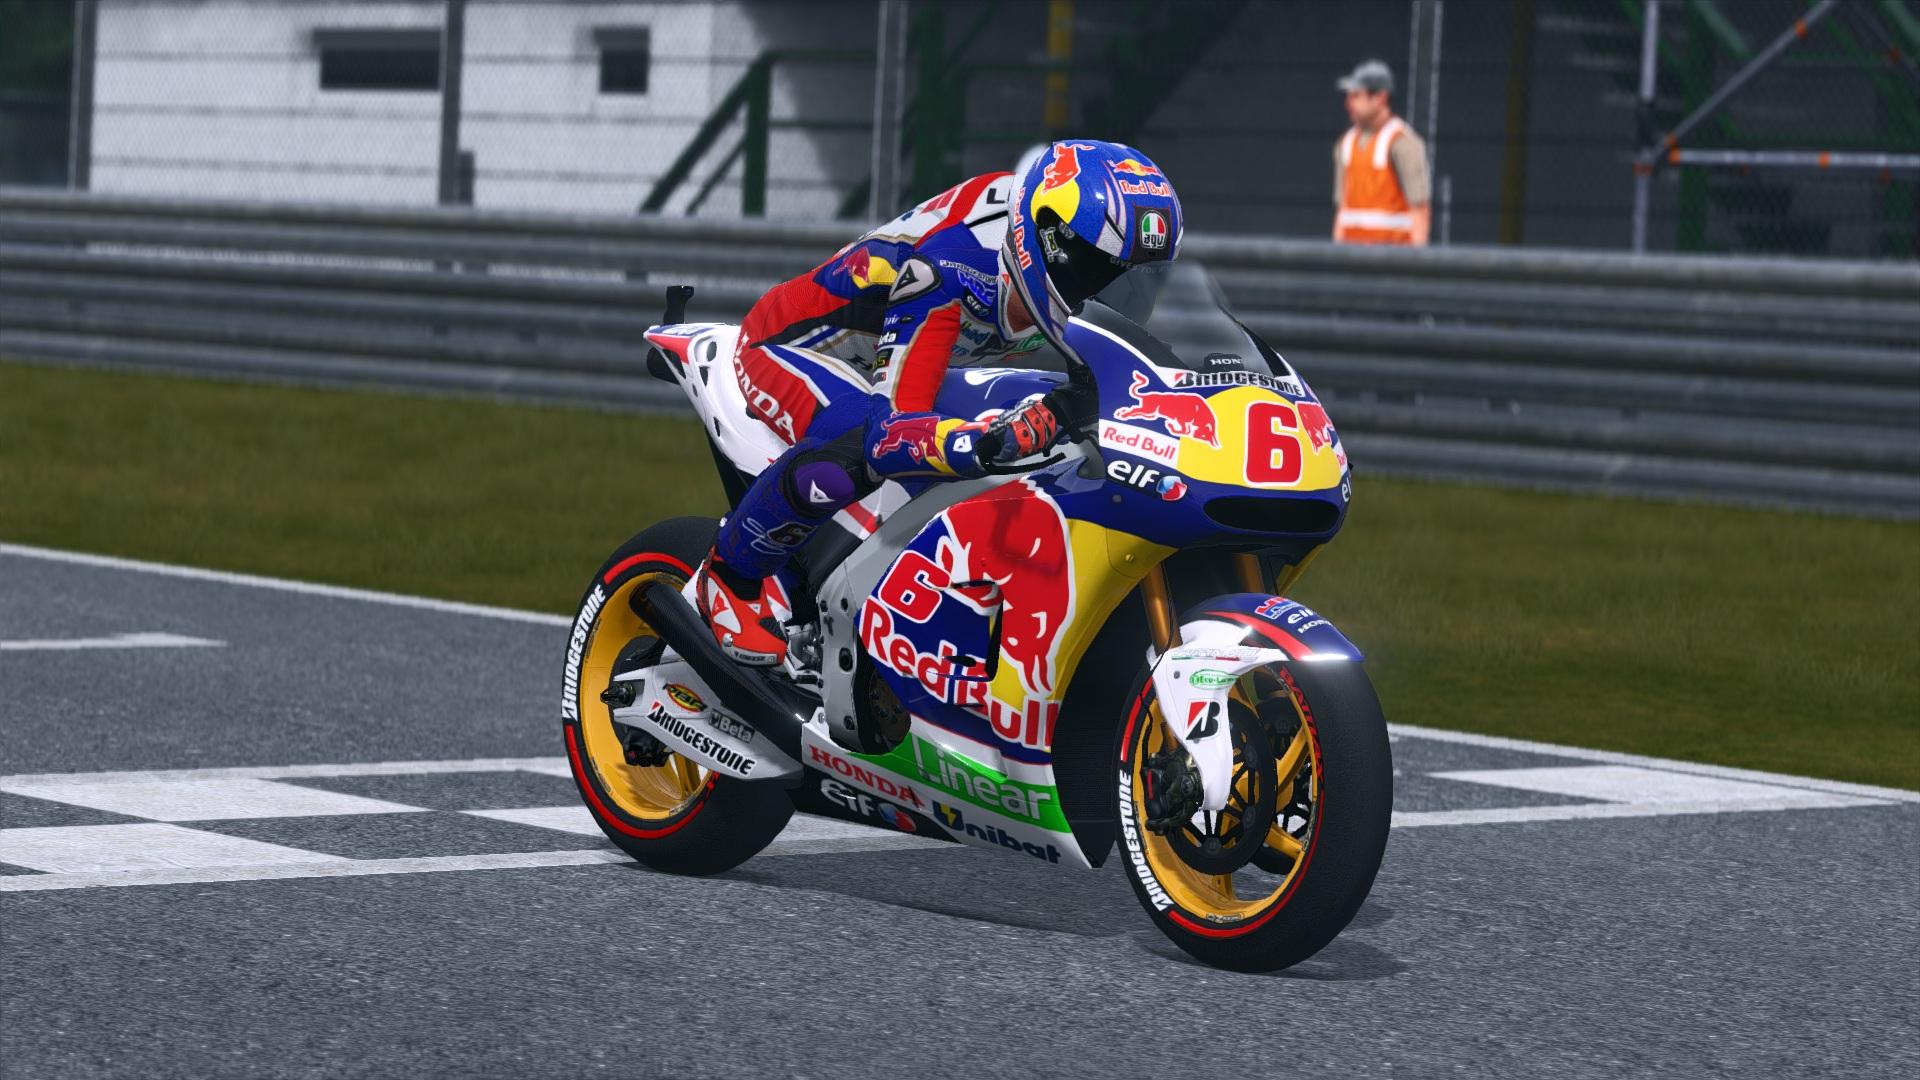 MotoGP14X64.exe_DX11_20140901_225401.jpg